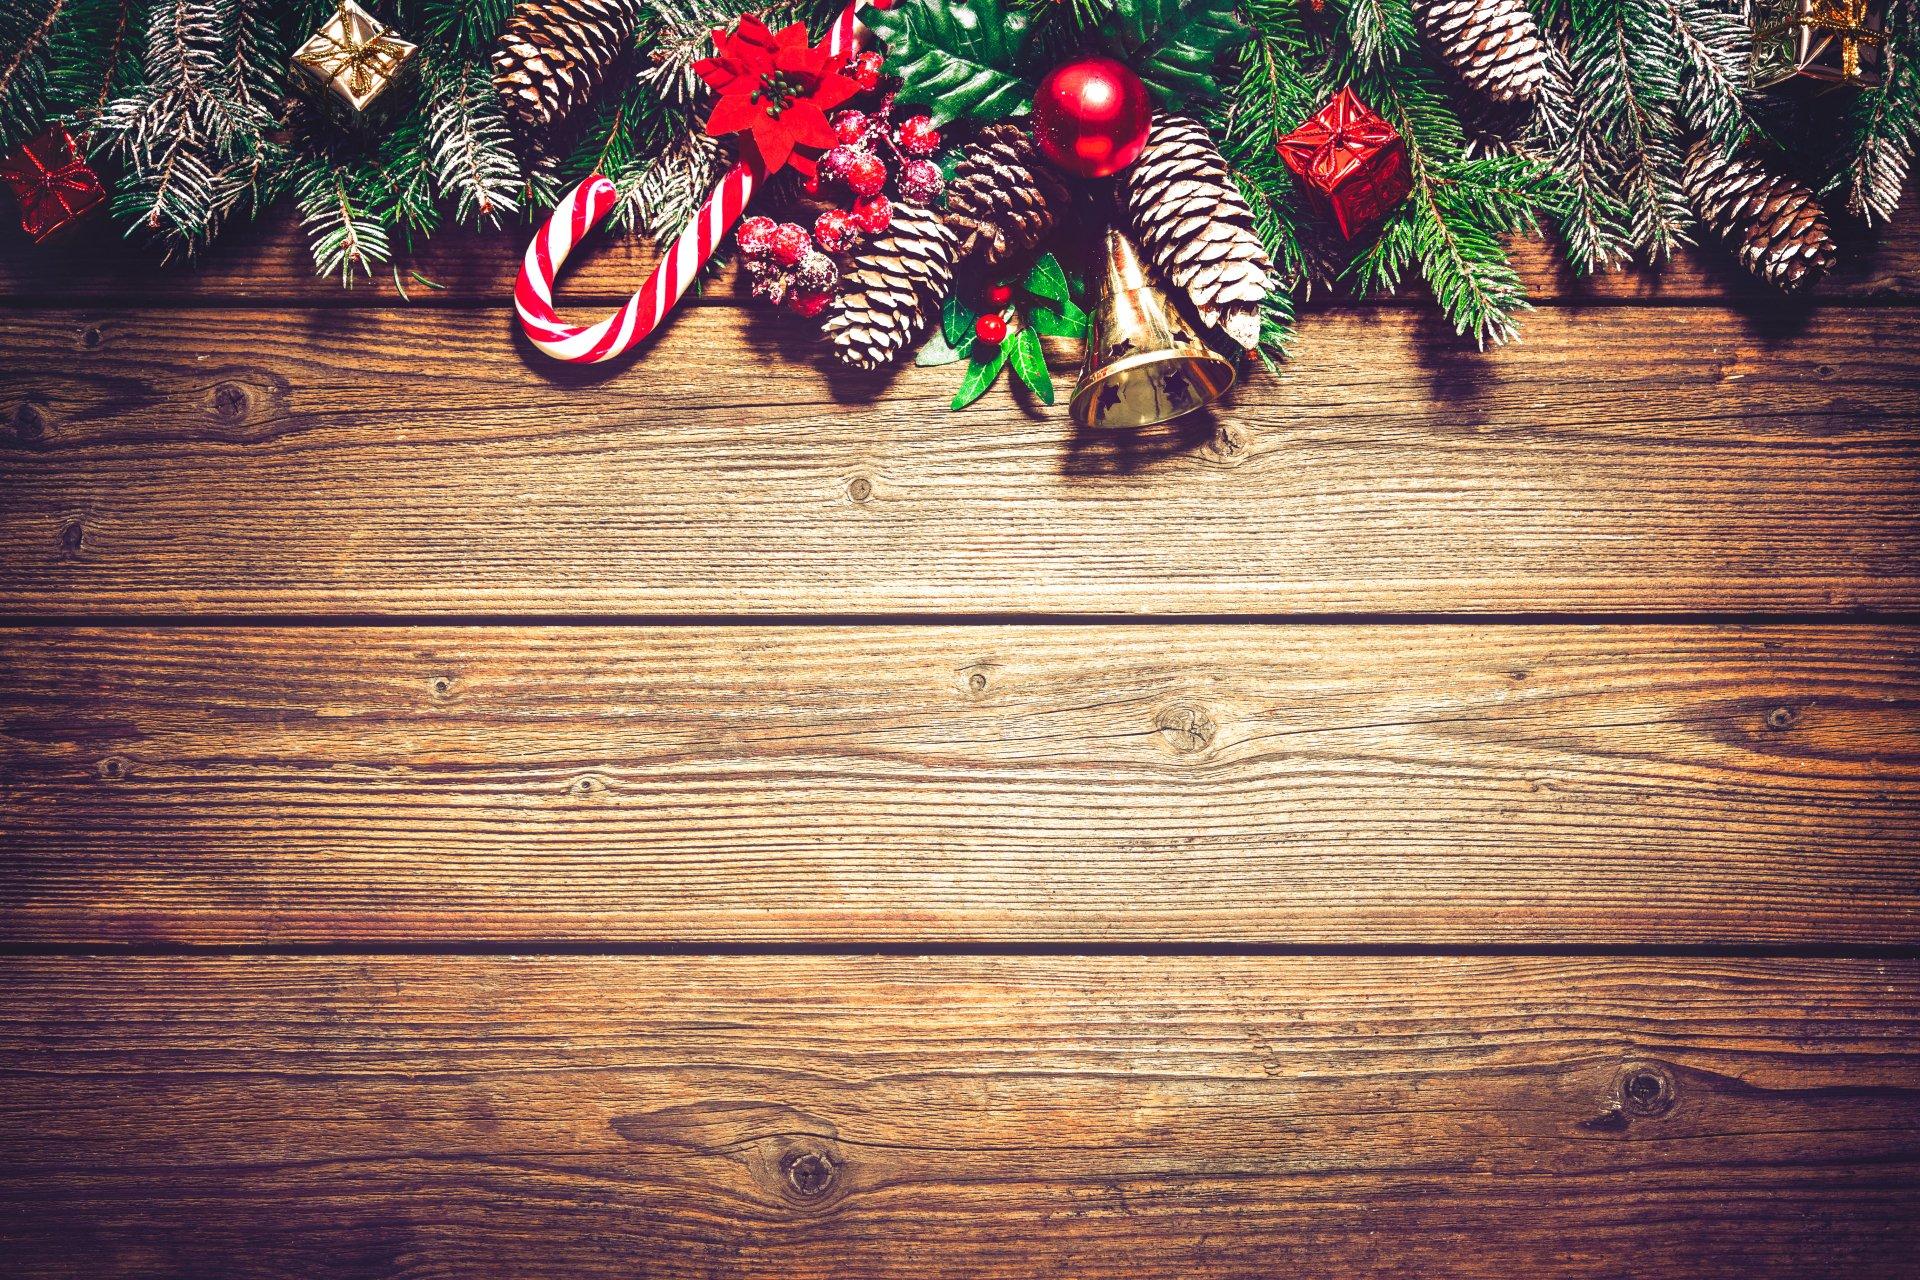 节日 - 圣诞节  壁纸